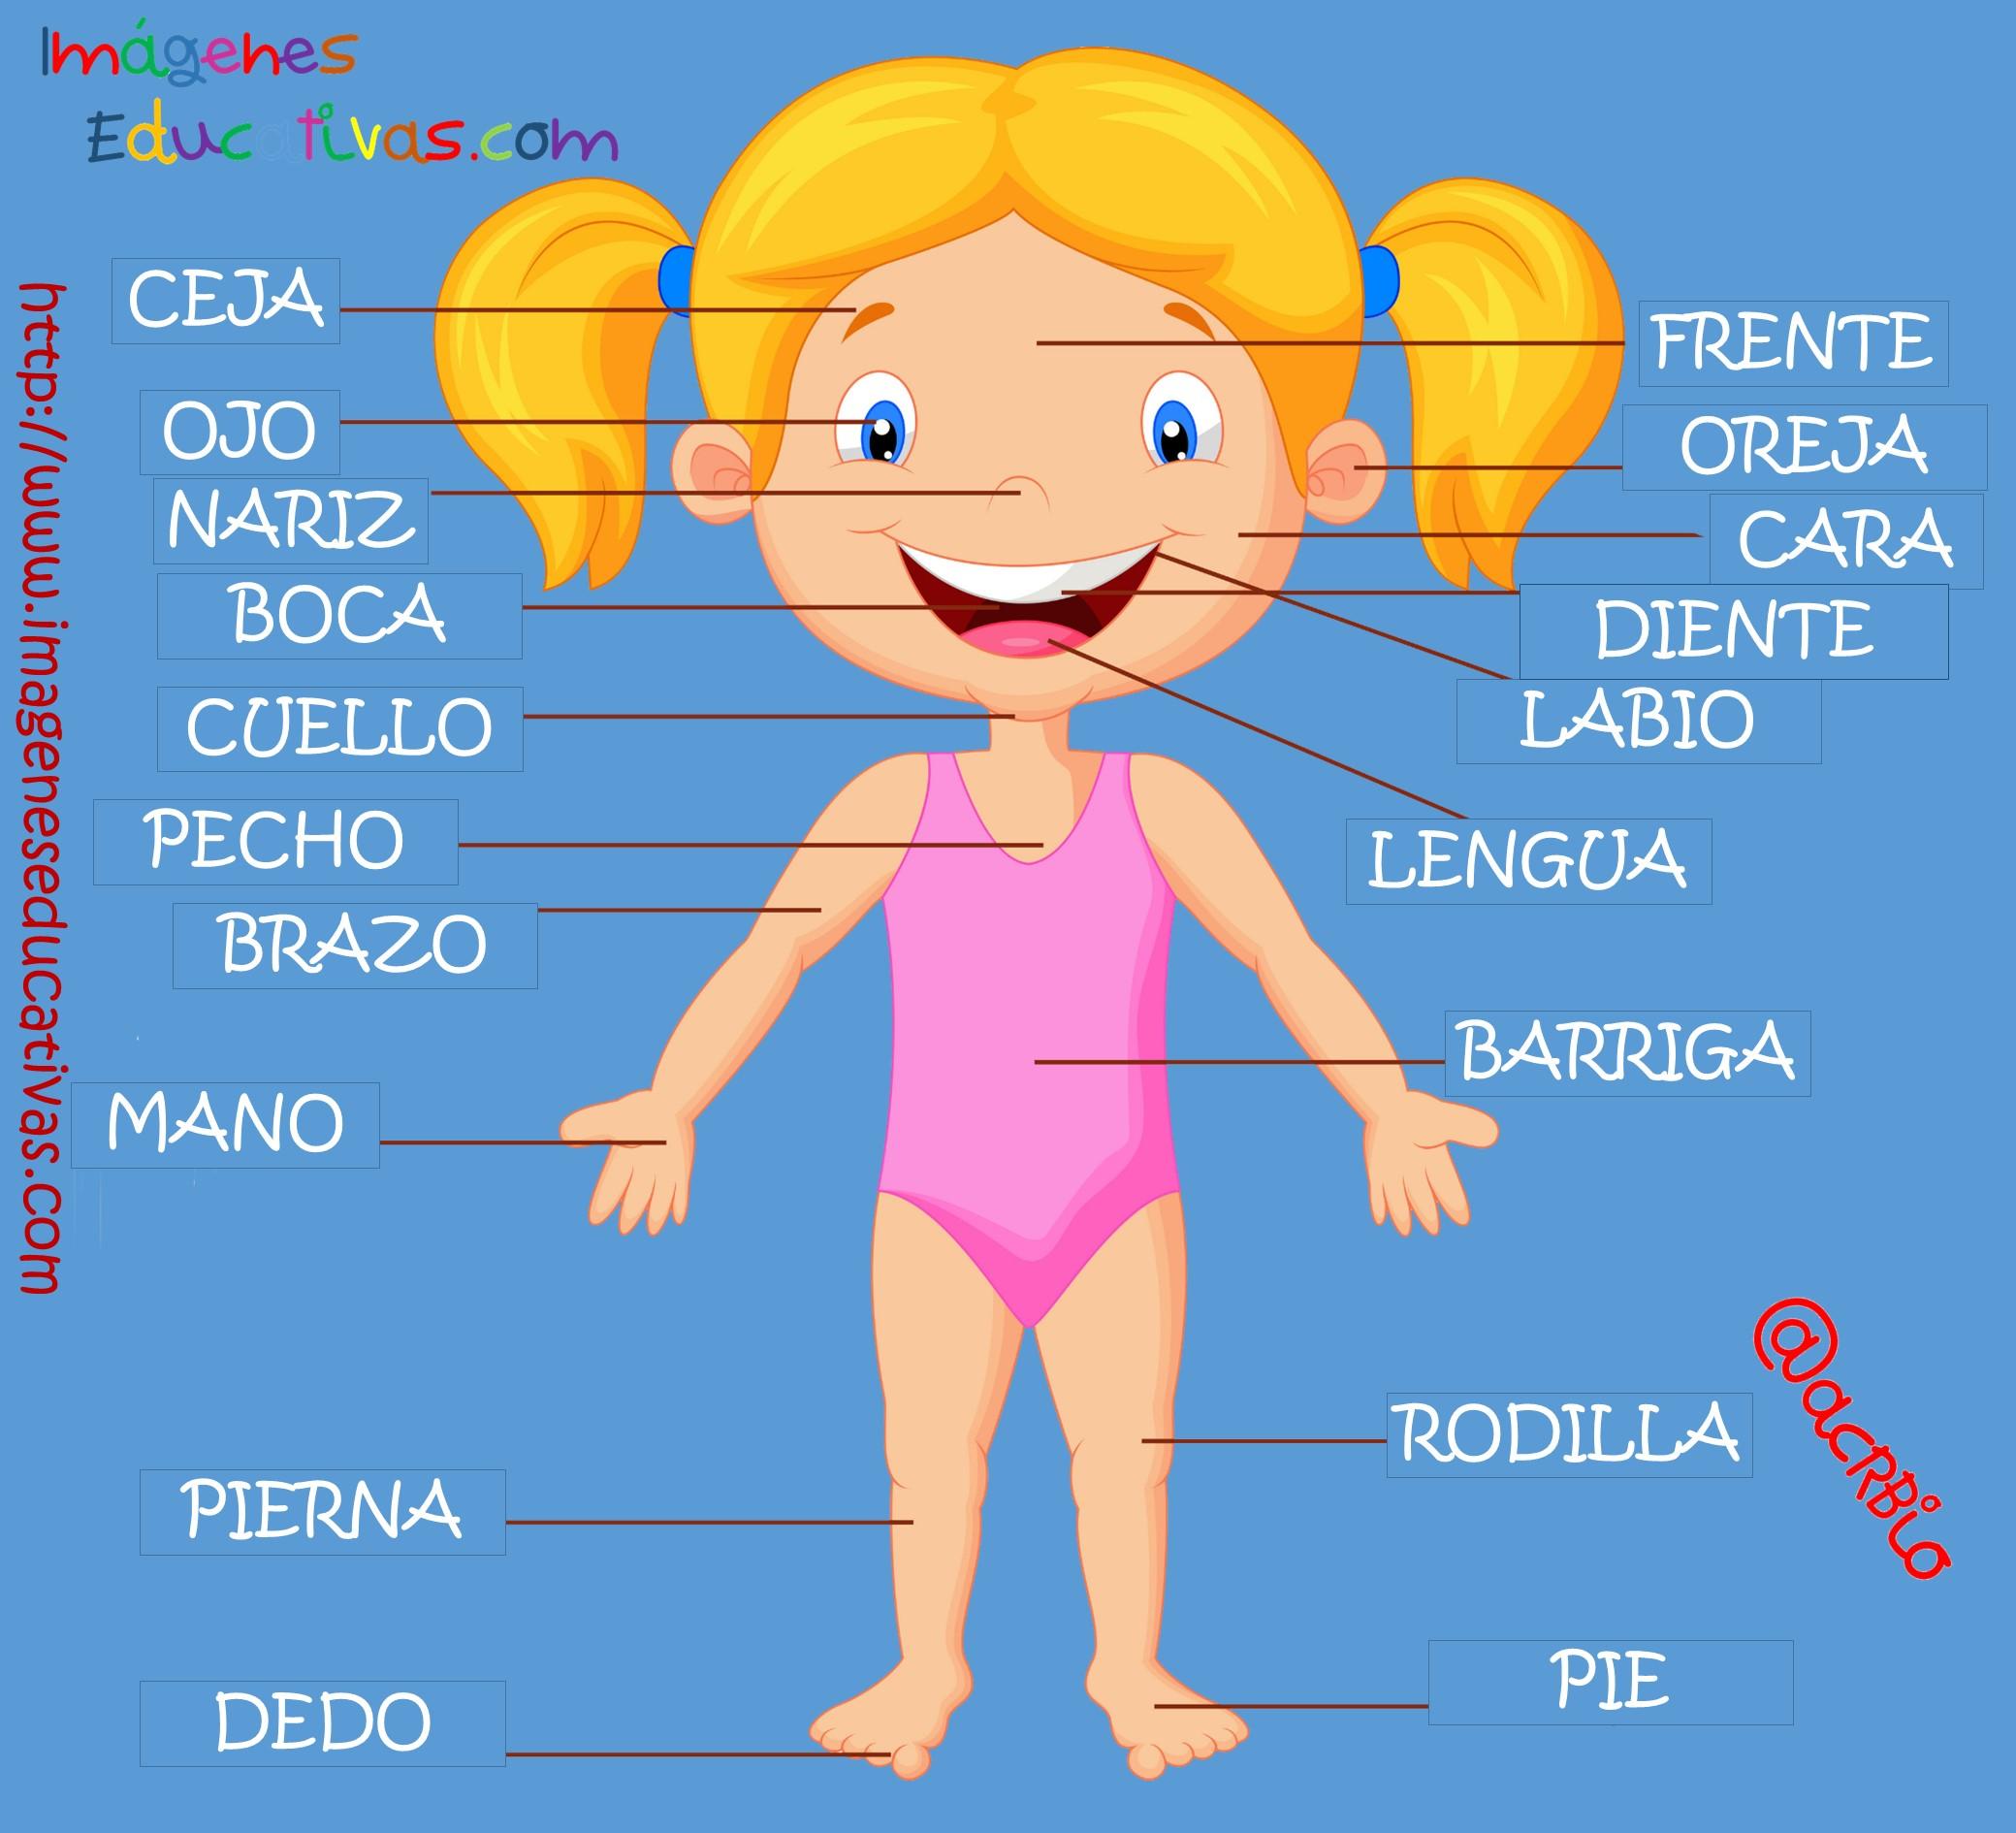 Partes del cuerpo en Castellano (1) - Imagenes Educativas